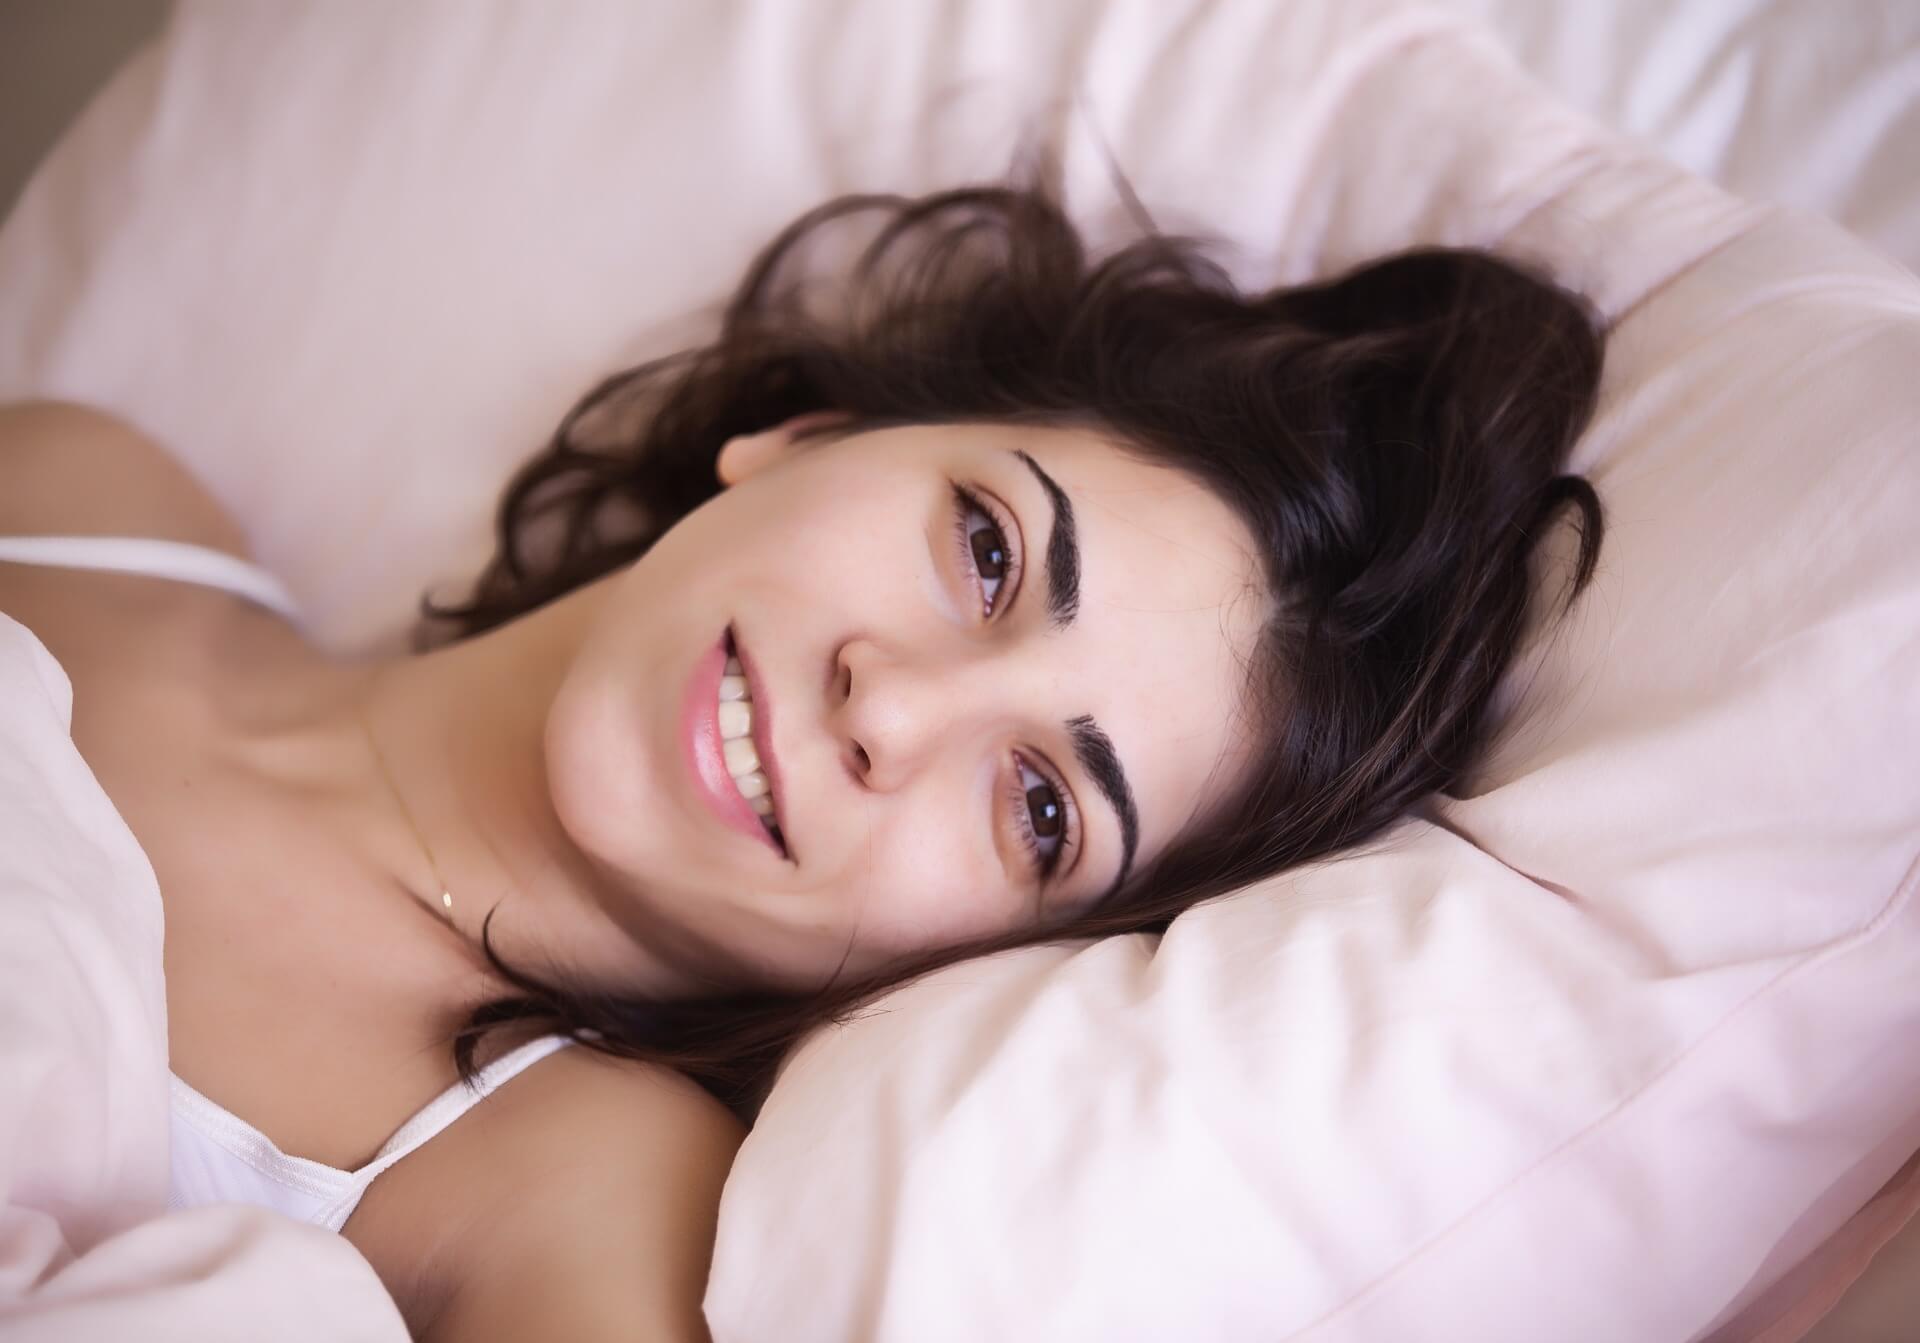 Φυσικά βοηθήματα του ύπνου για όνειρα γλυκά!